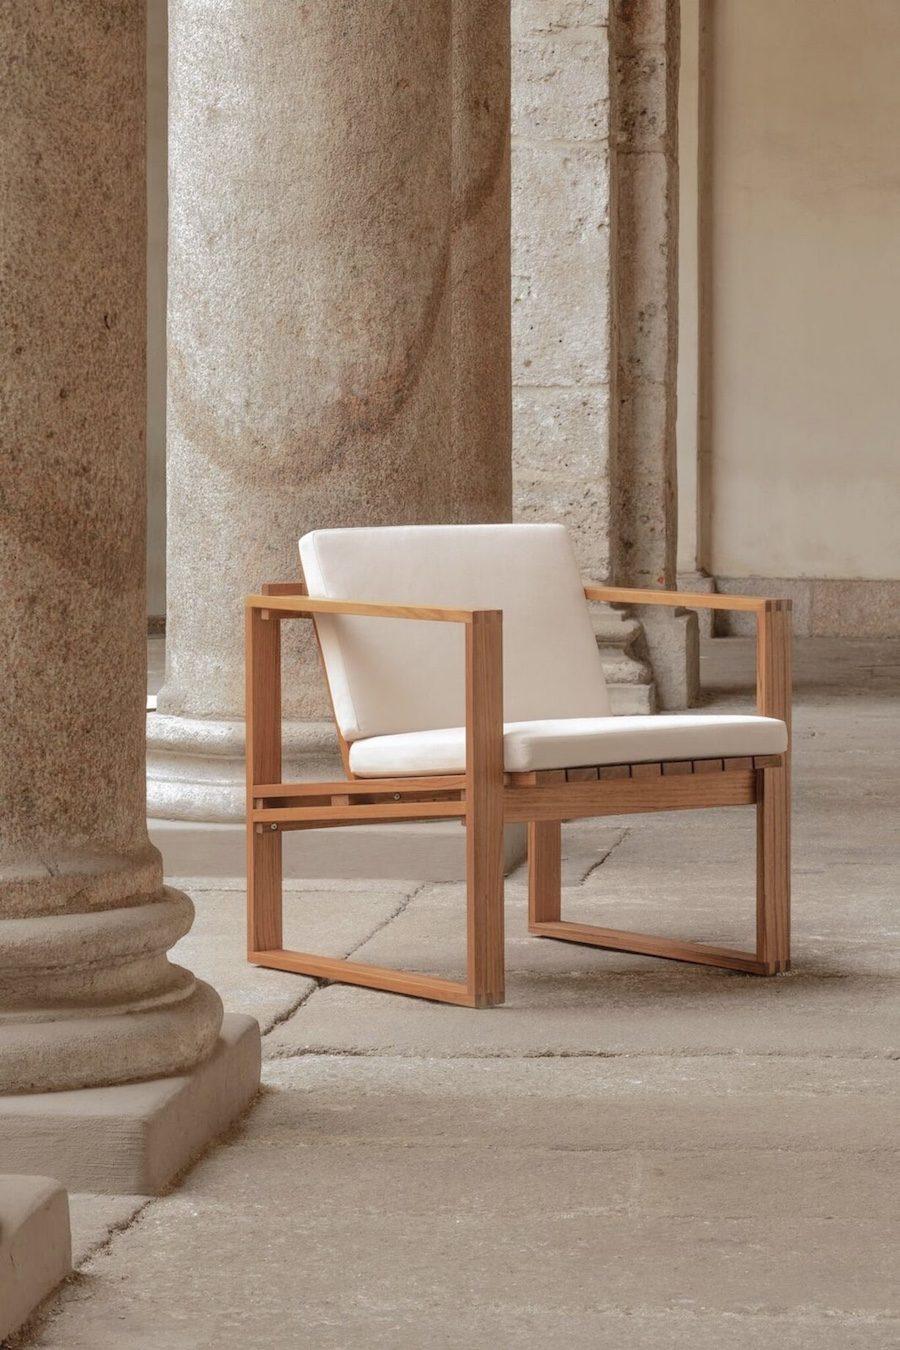 Indoor Outdoor en kollektion designad av Bodil Kjær nylanserad av Carl Hansen & Son.